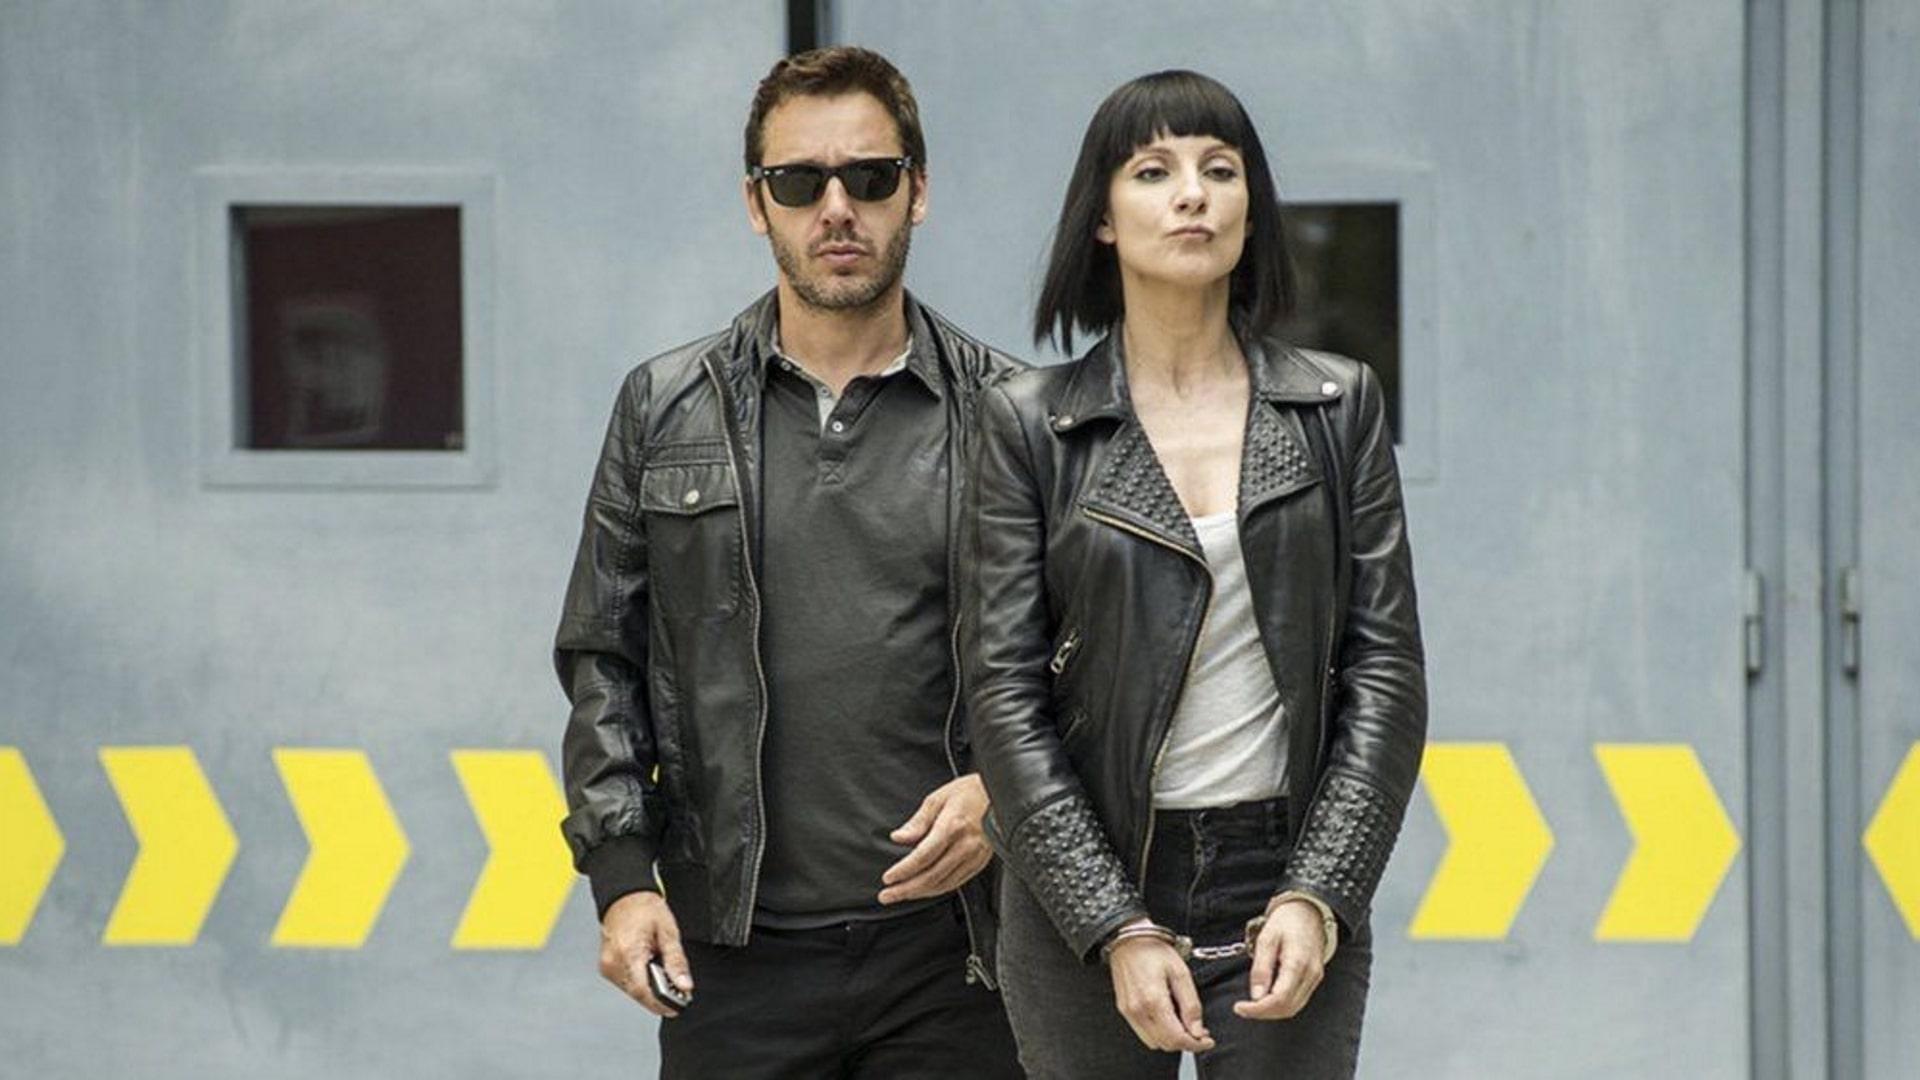 Locked Up (Vis A Vis) - Season 4 - Watch Online Movies & TV